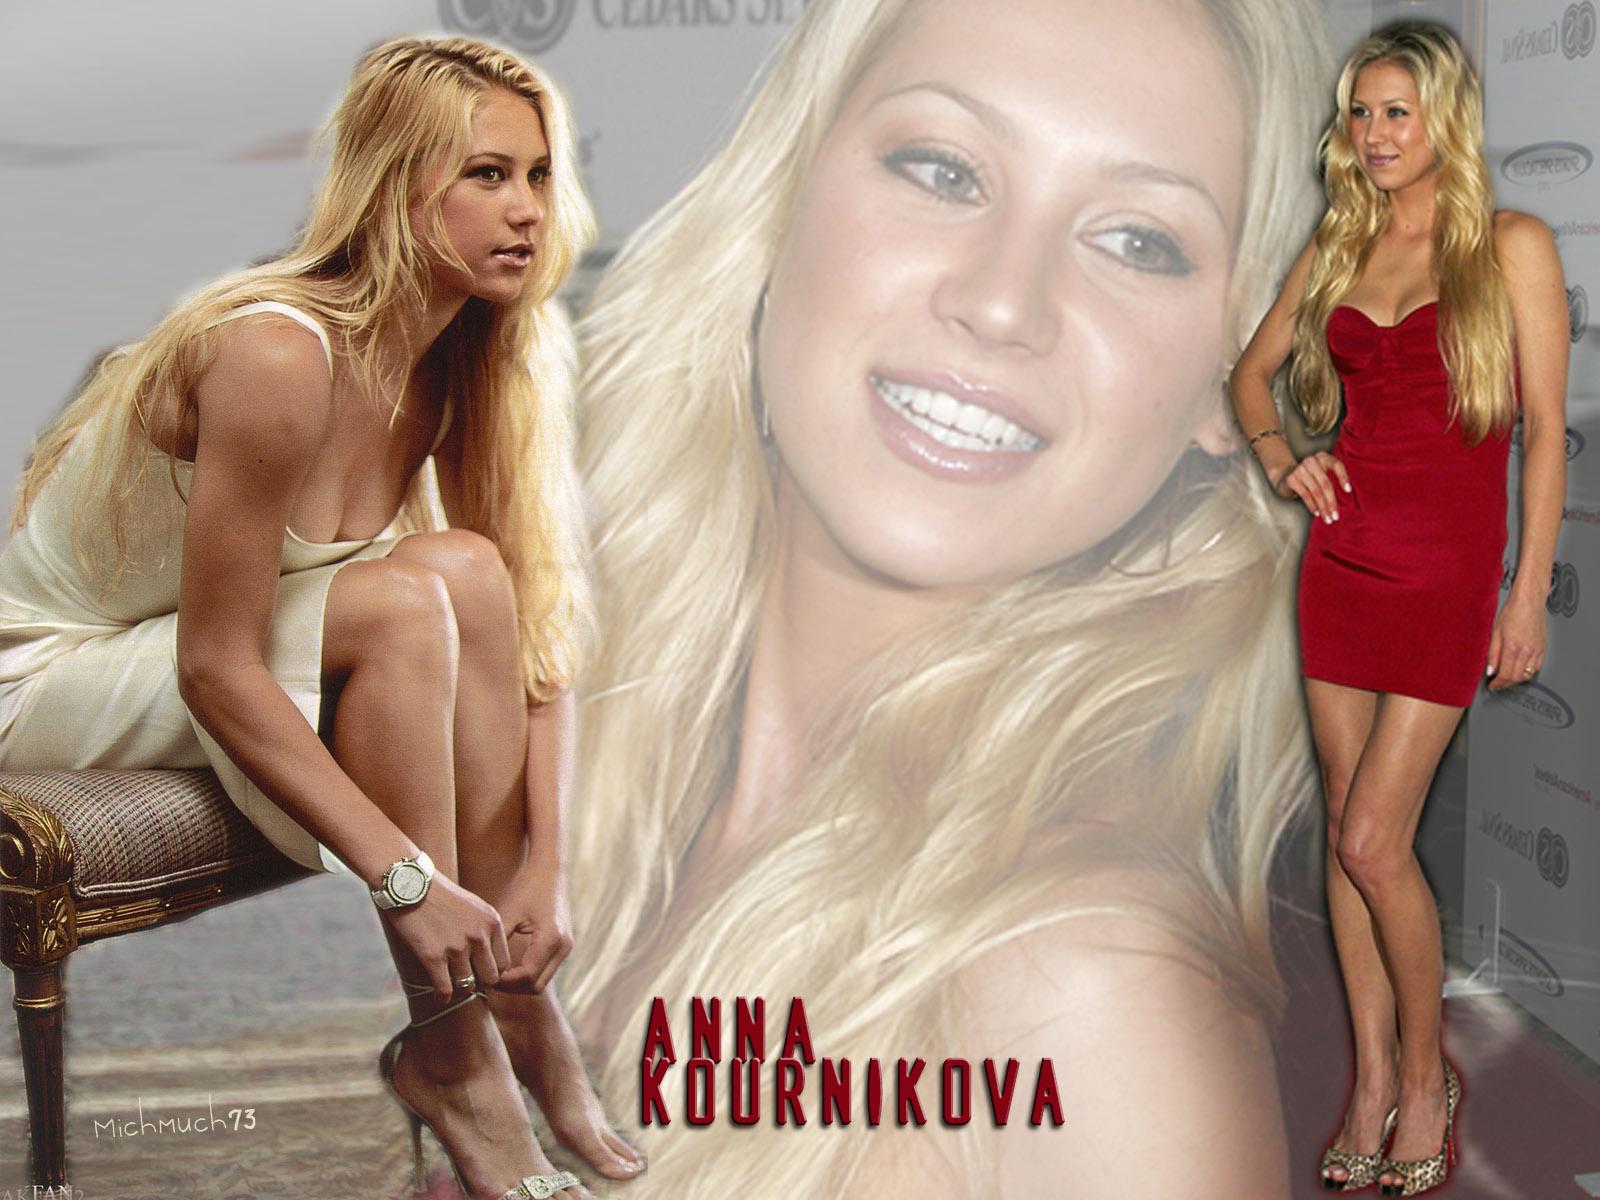 http://1.bp.blogspot.com/-pWCmJWYK_Nk/TsaGmD6cpgI/AAAAAAAAMRA/aaMHv6zODrA/s1600/anna_kournikova_49.jpg